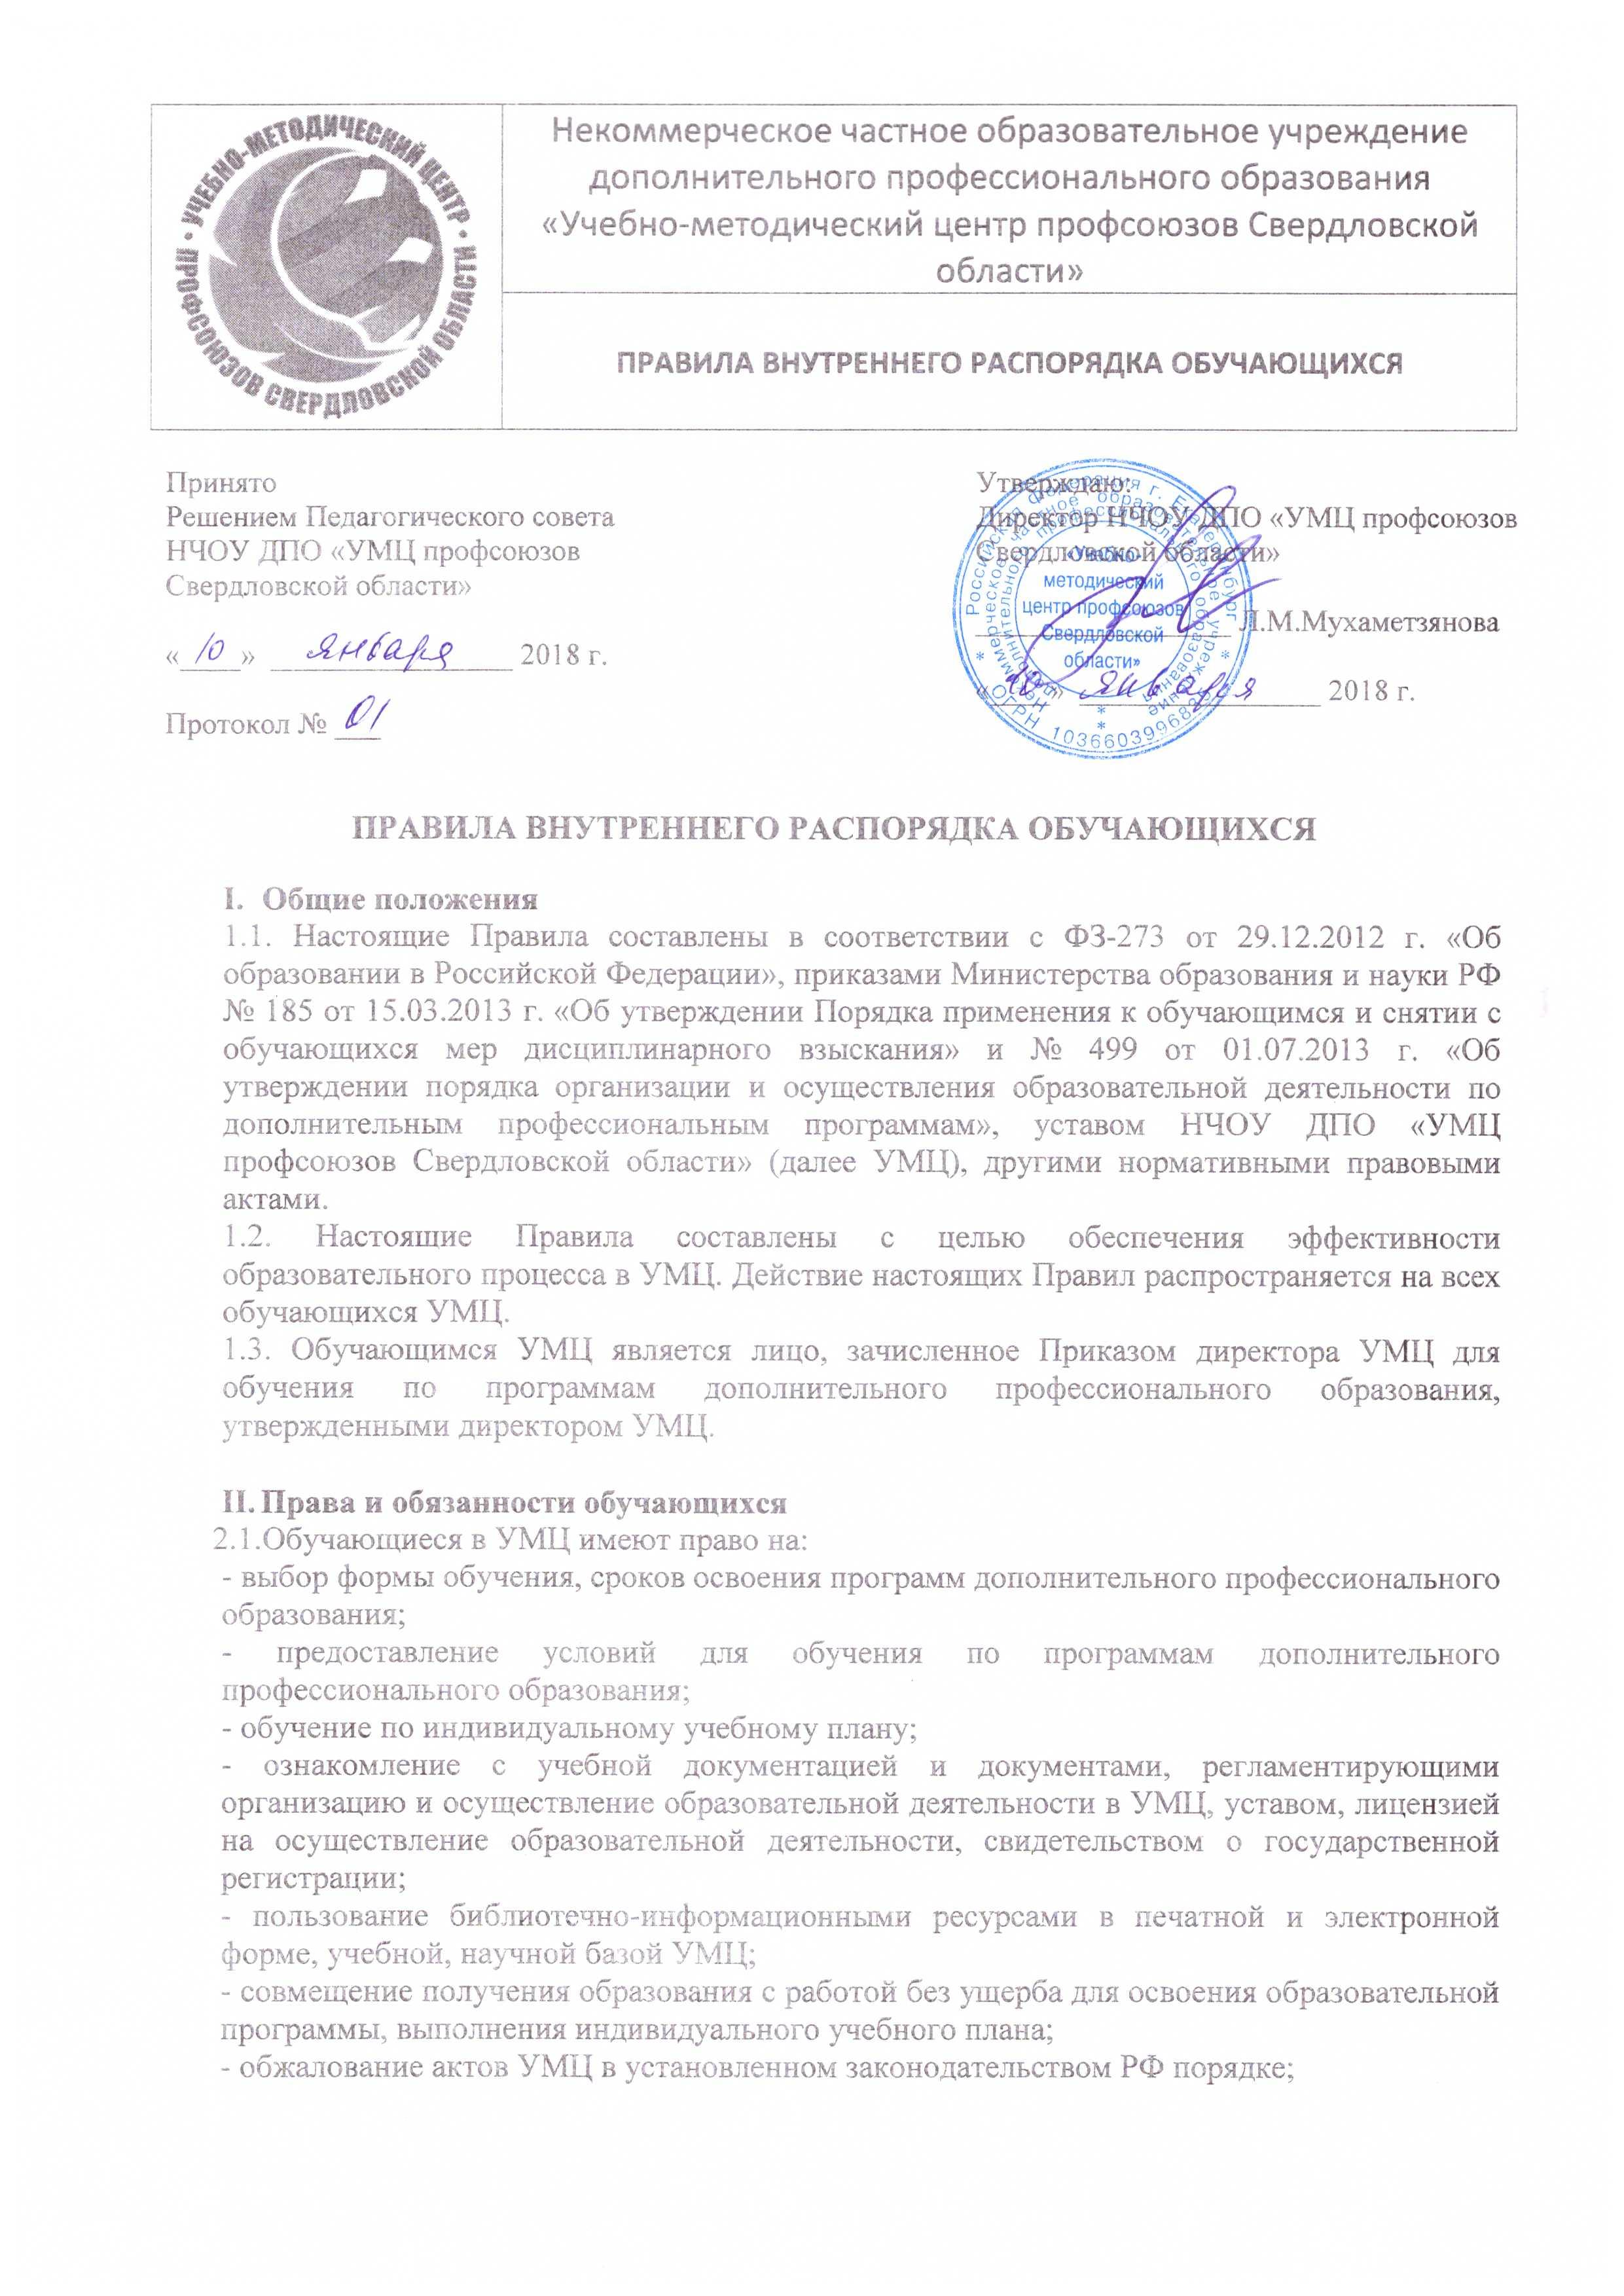 SCAN_внутр.расп.обуч_Страница_1